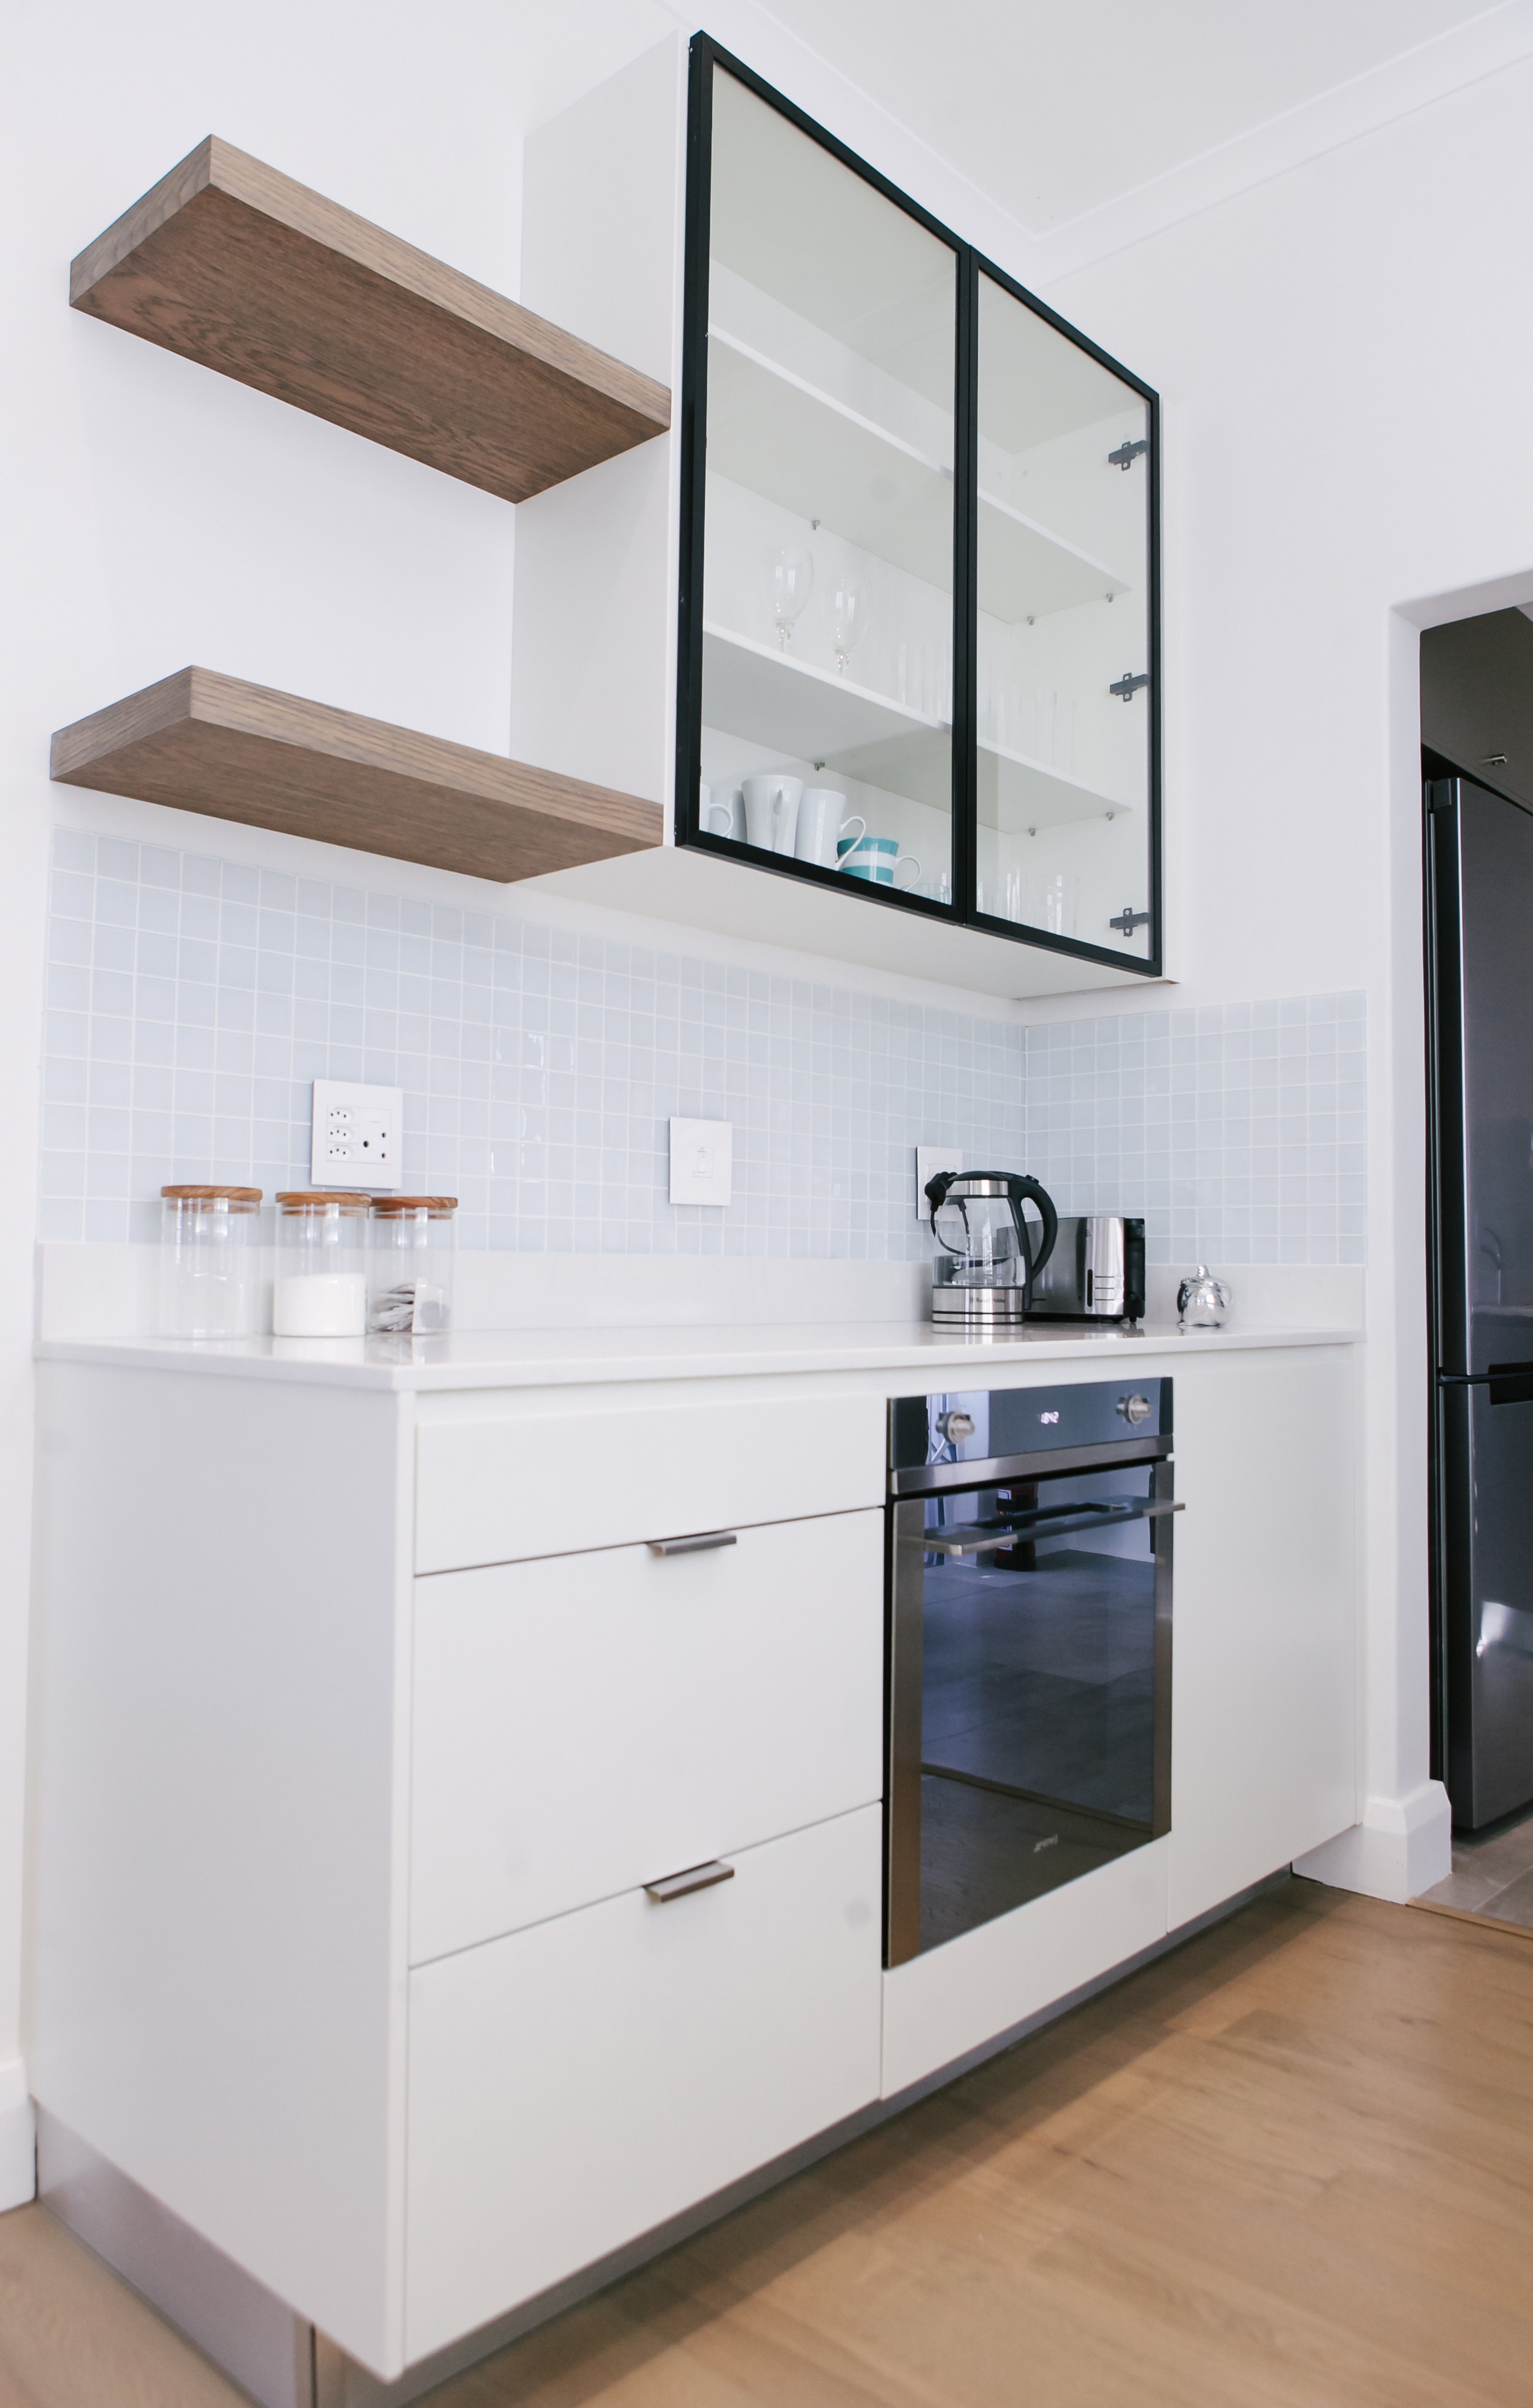 Newlands kitchen 5.jpg